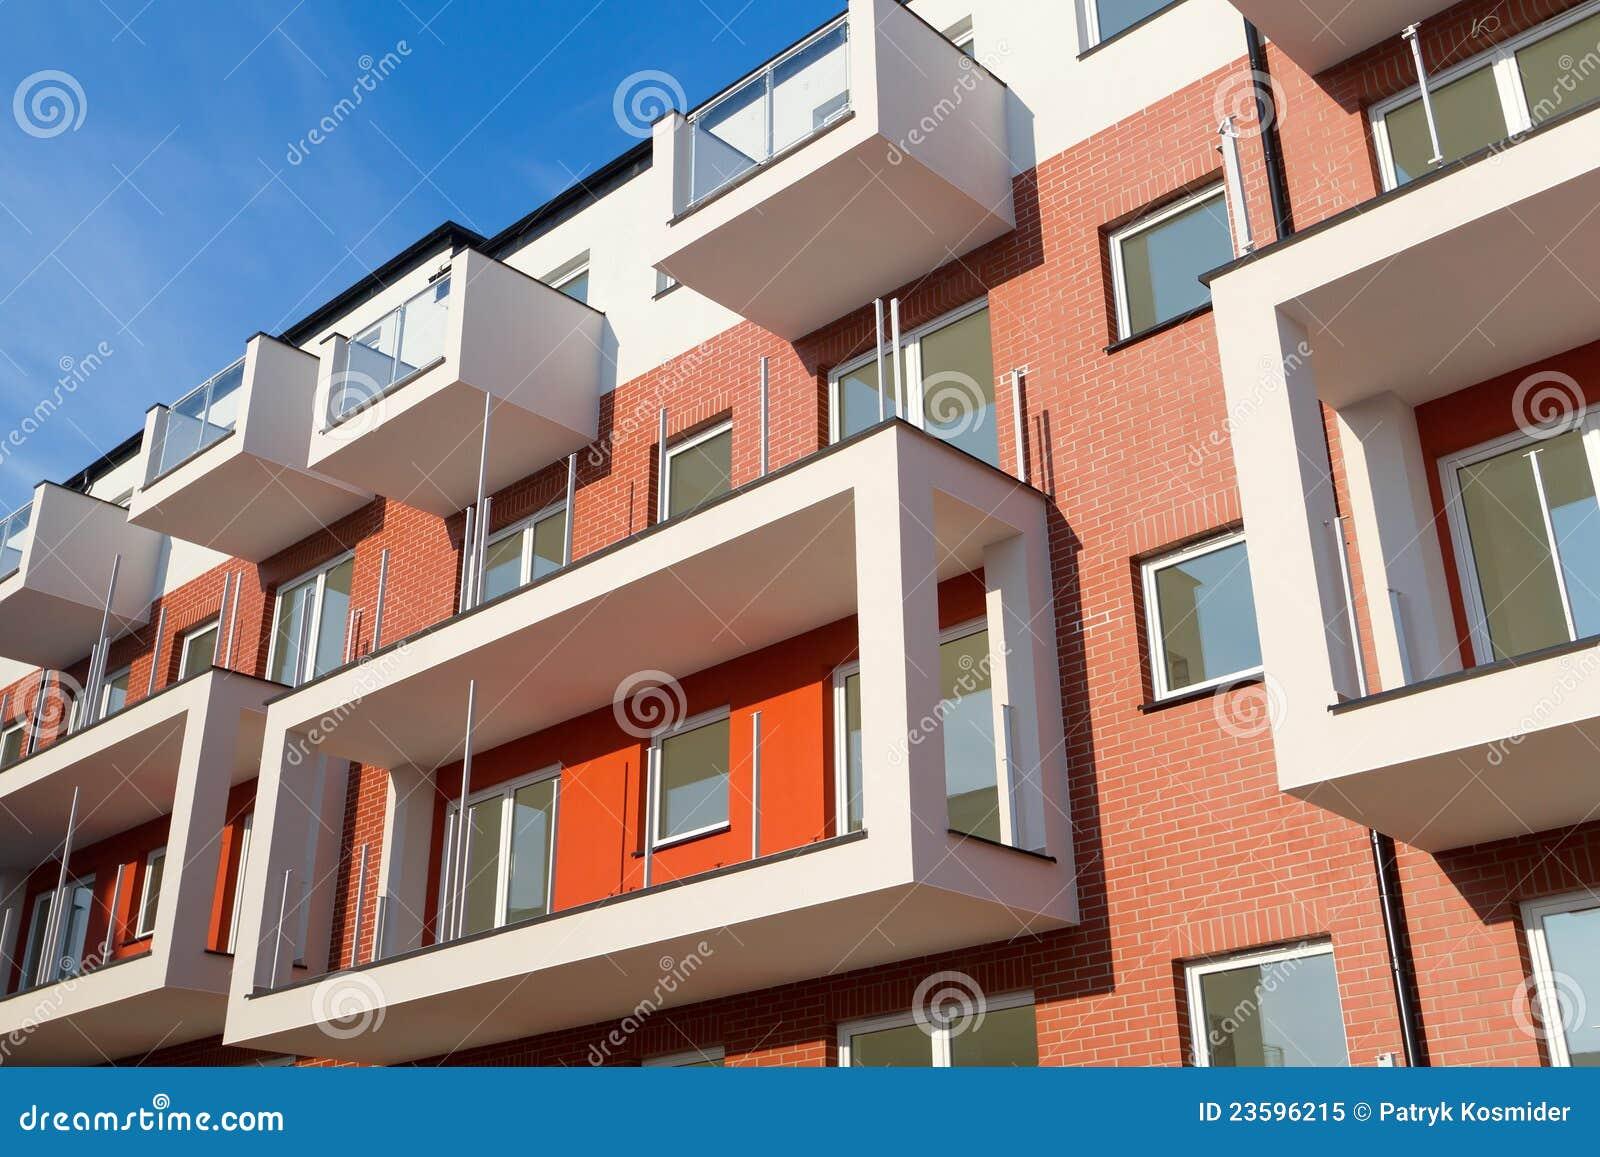 Appartamenti moderni fotografia stock libera da diritti for Immagini di appartamenti moderni